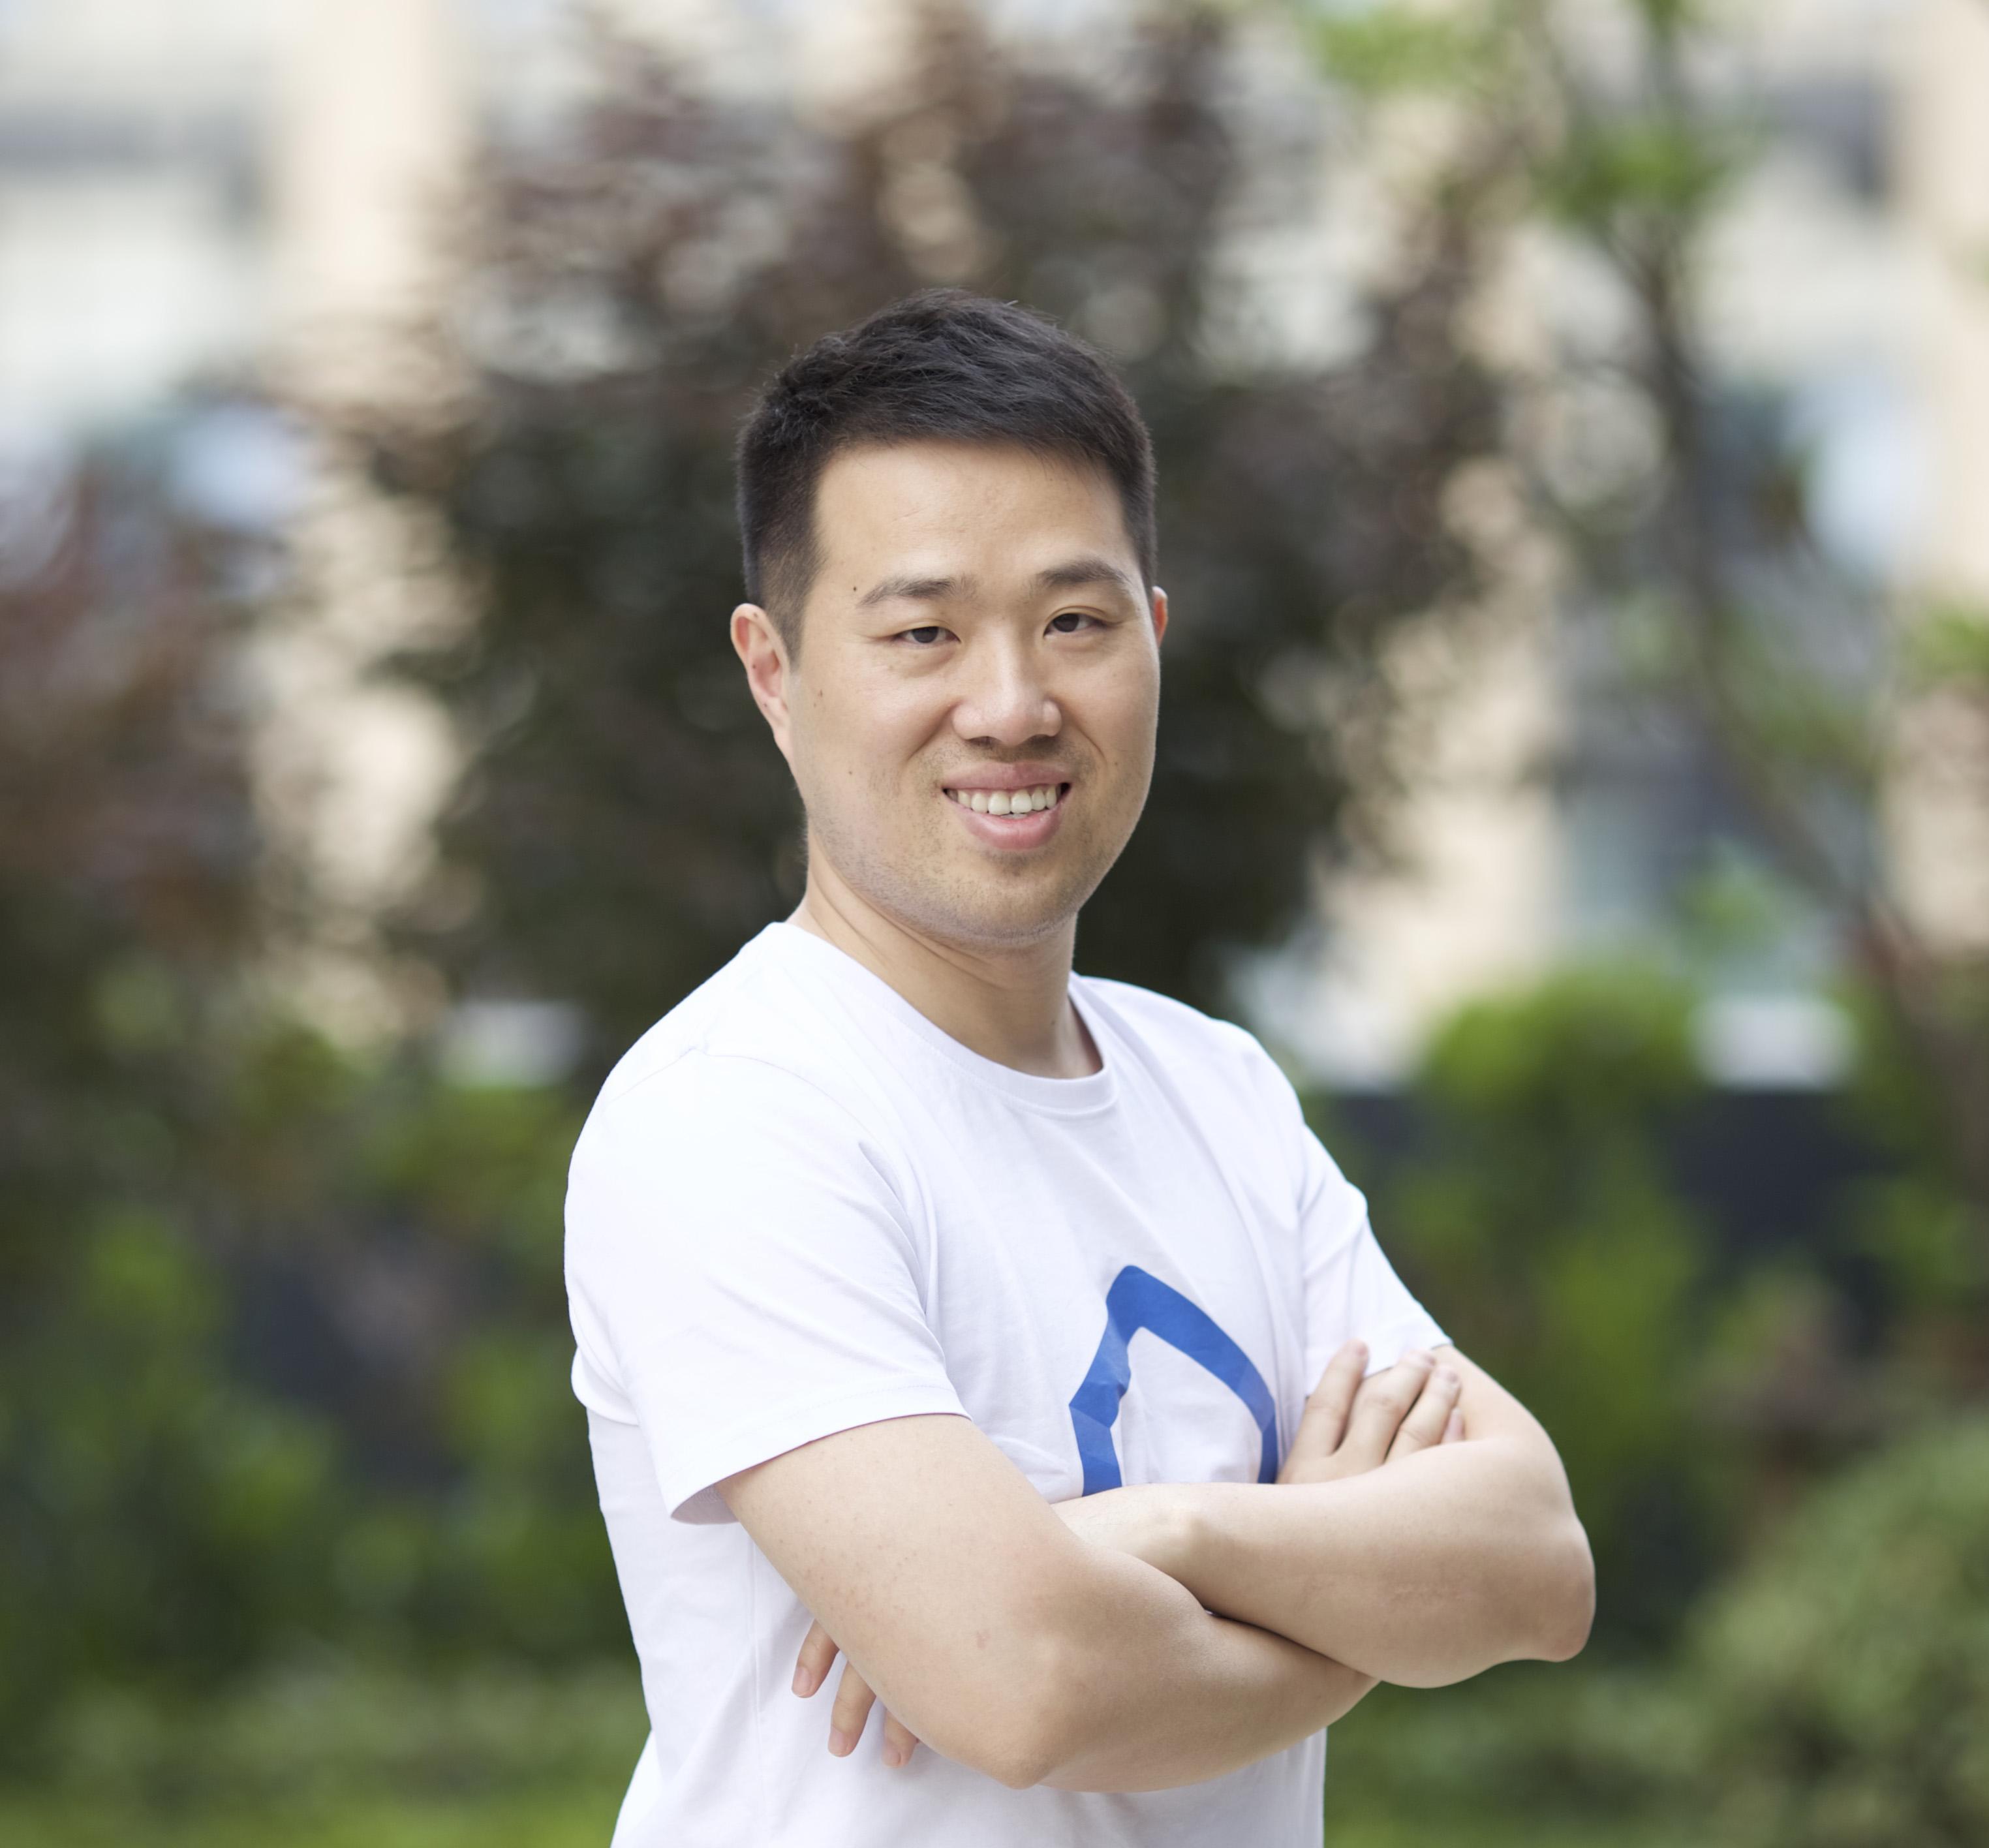 酷家乐联合创始人兼董事长黄晓煌:1300名员工的服务永